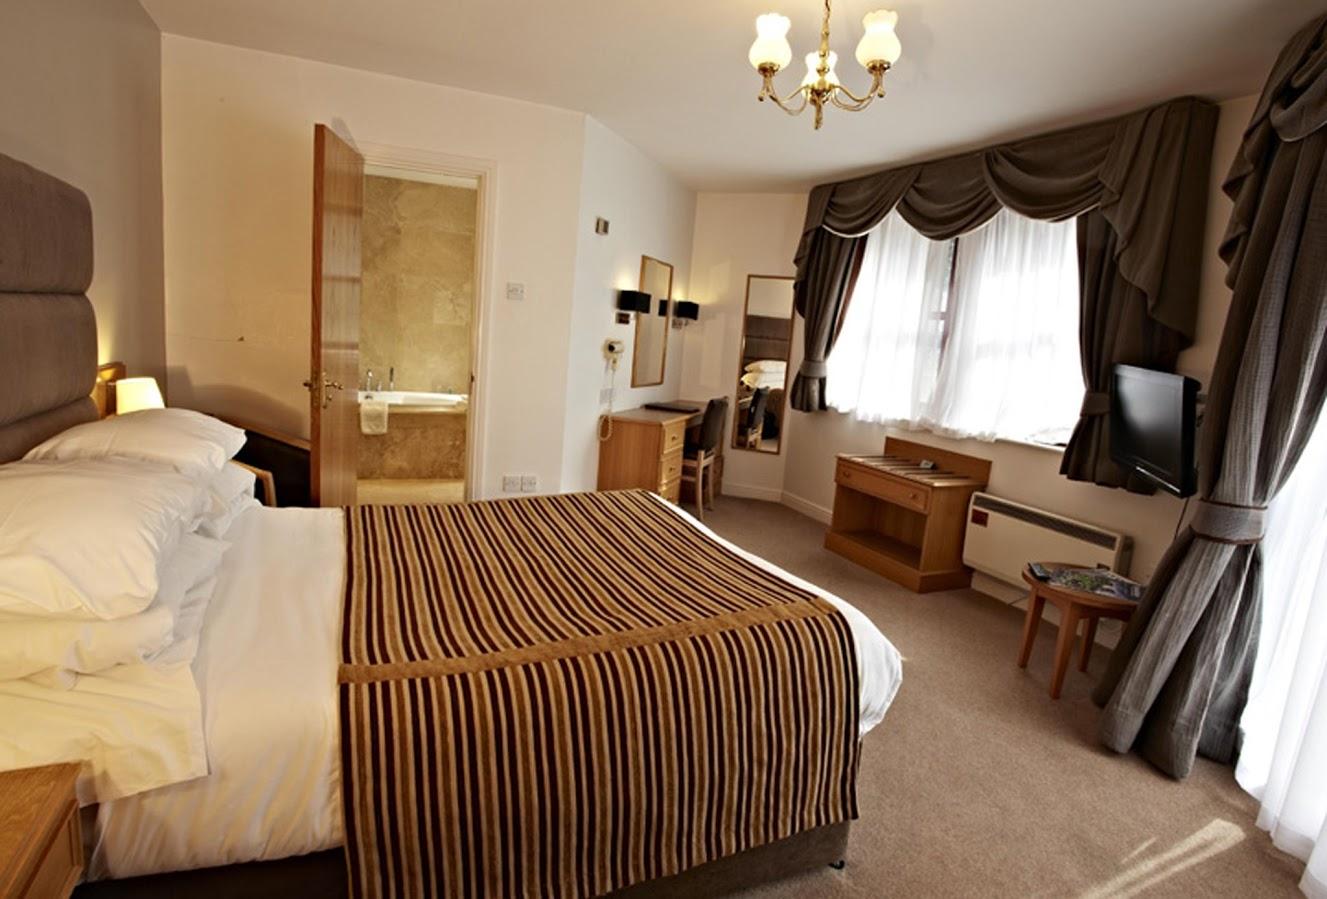 En suite bedroom showing bed